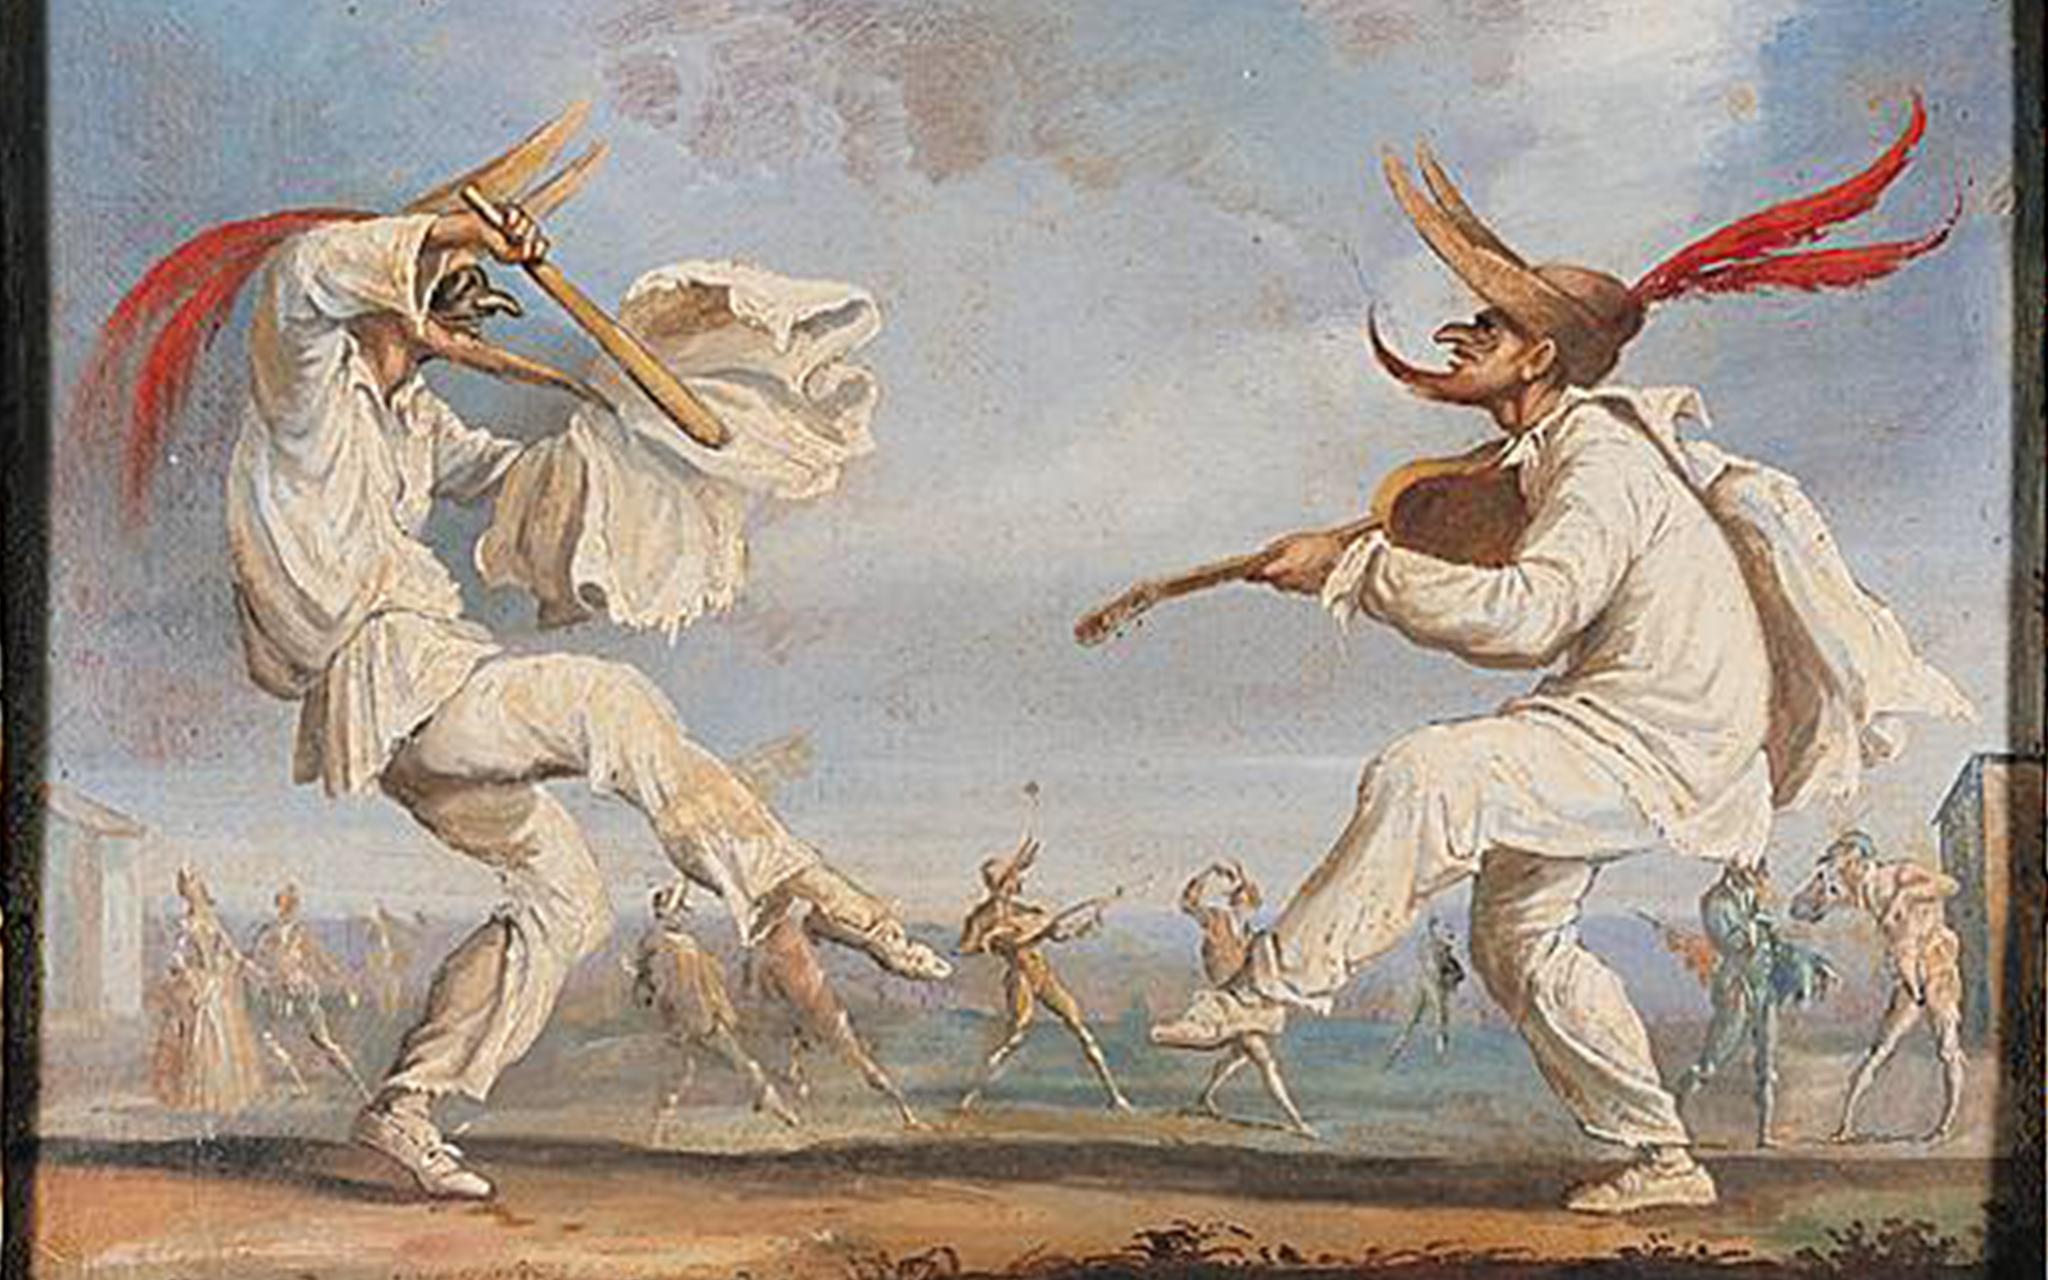 maschere commedia dell'arte due zanni callot